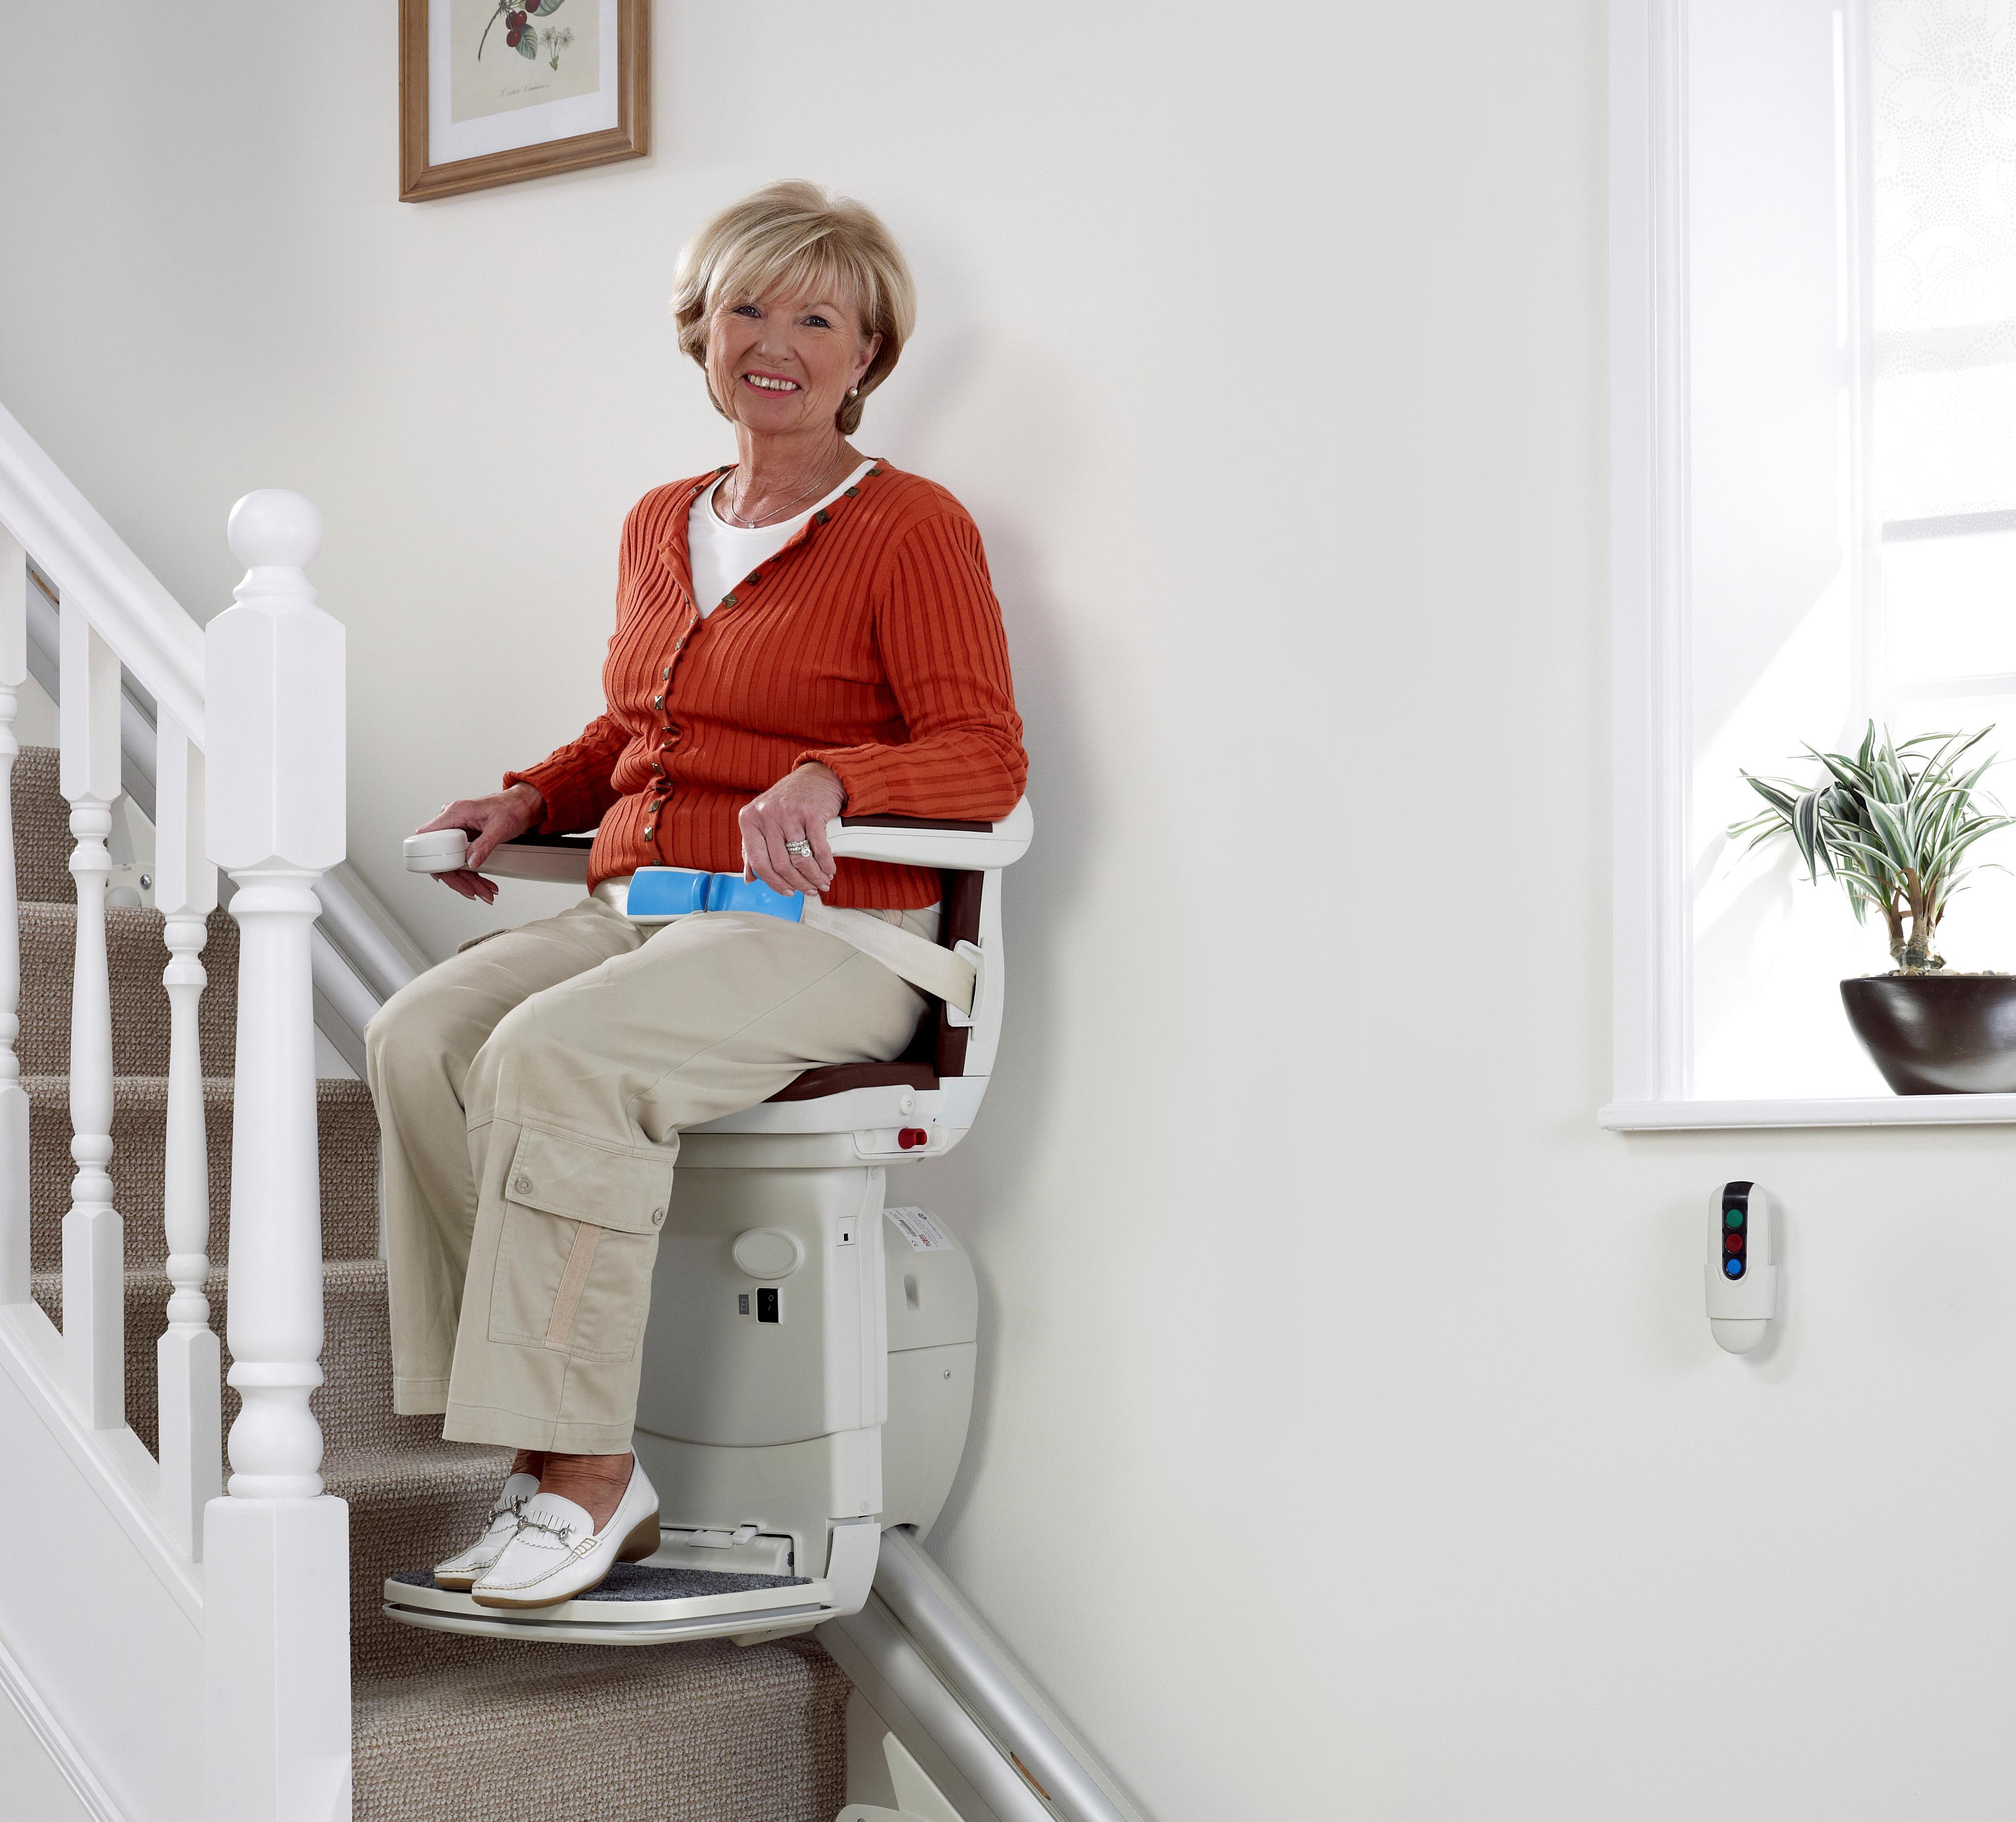 Impianti per la mobilità domestica